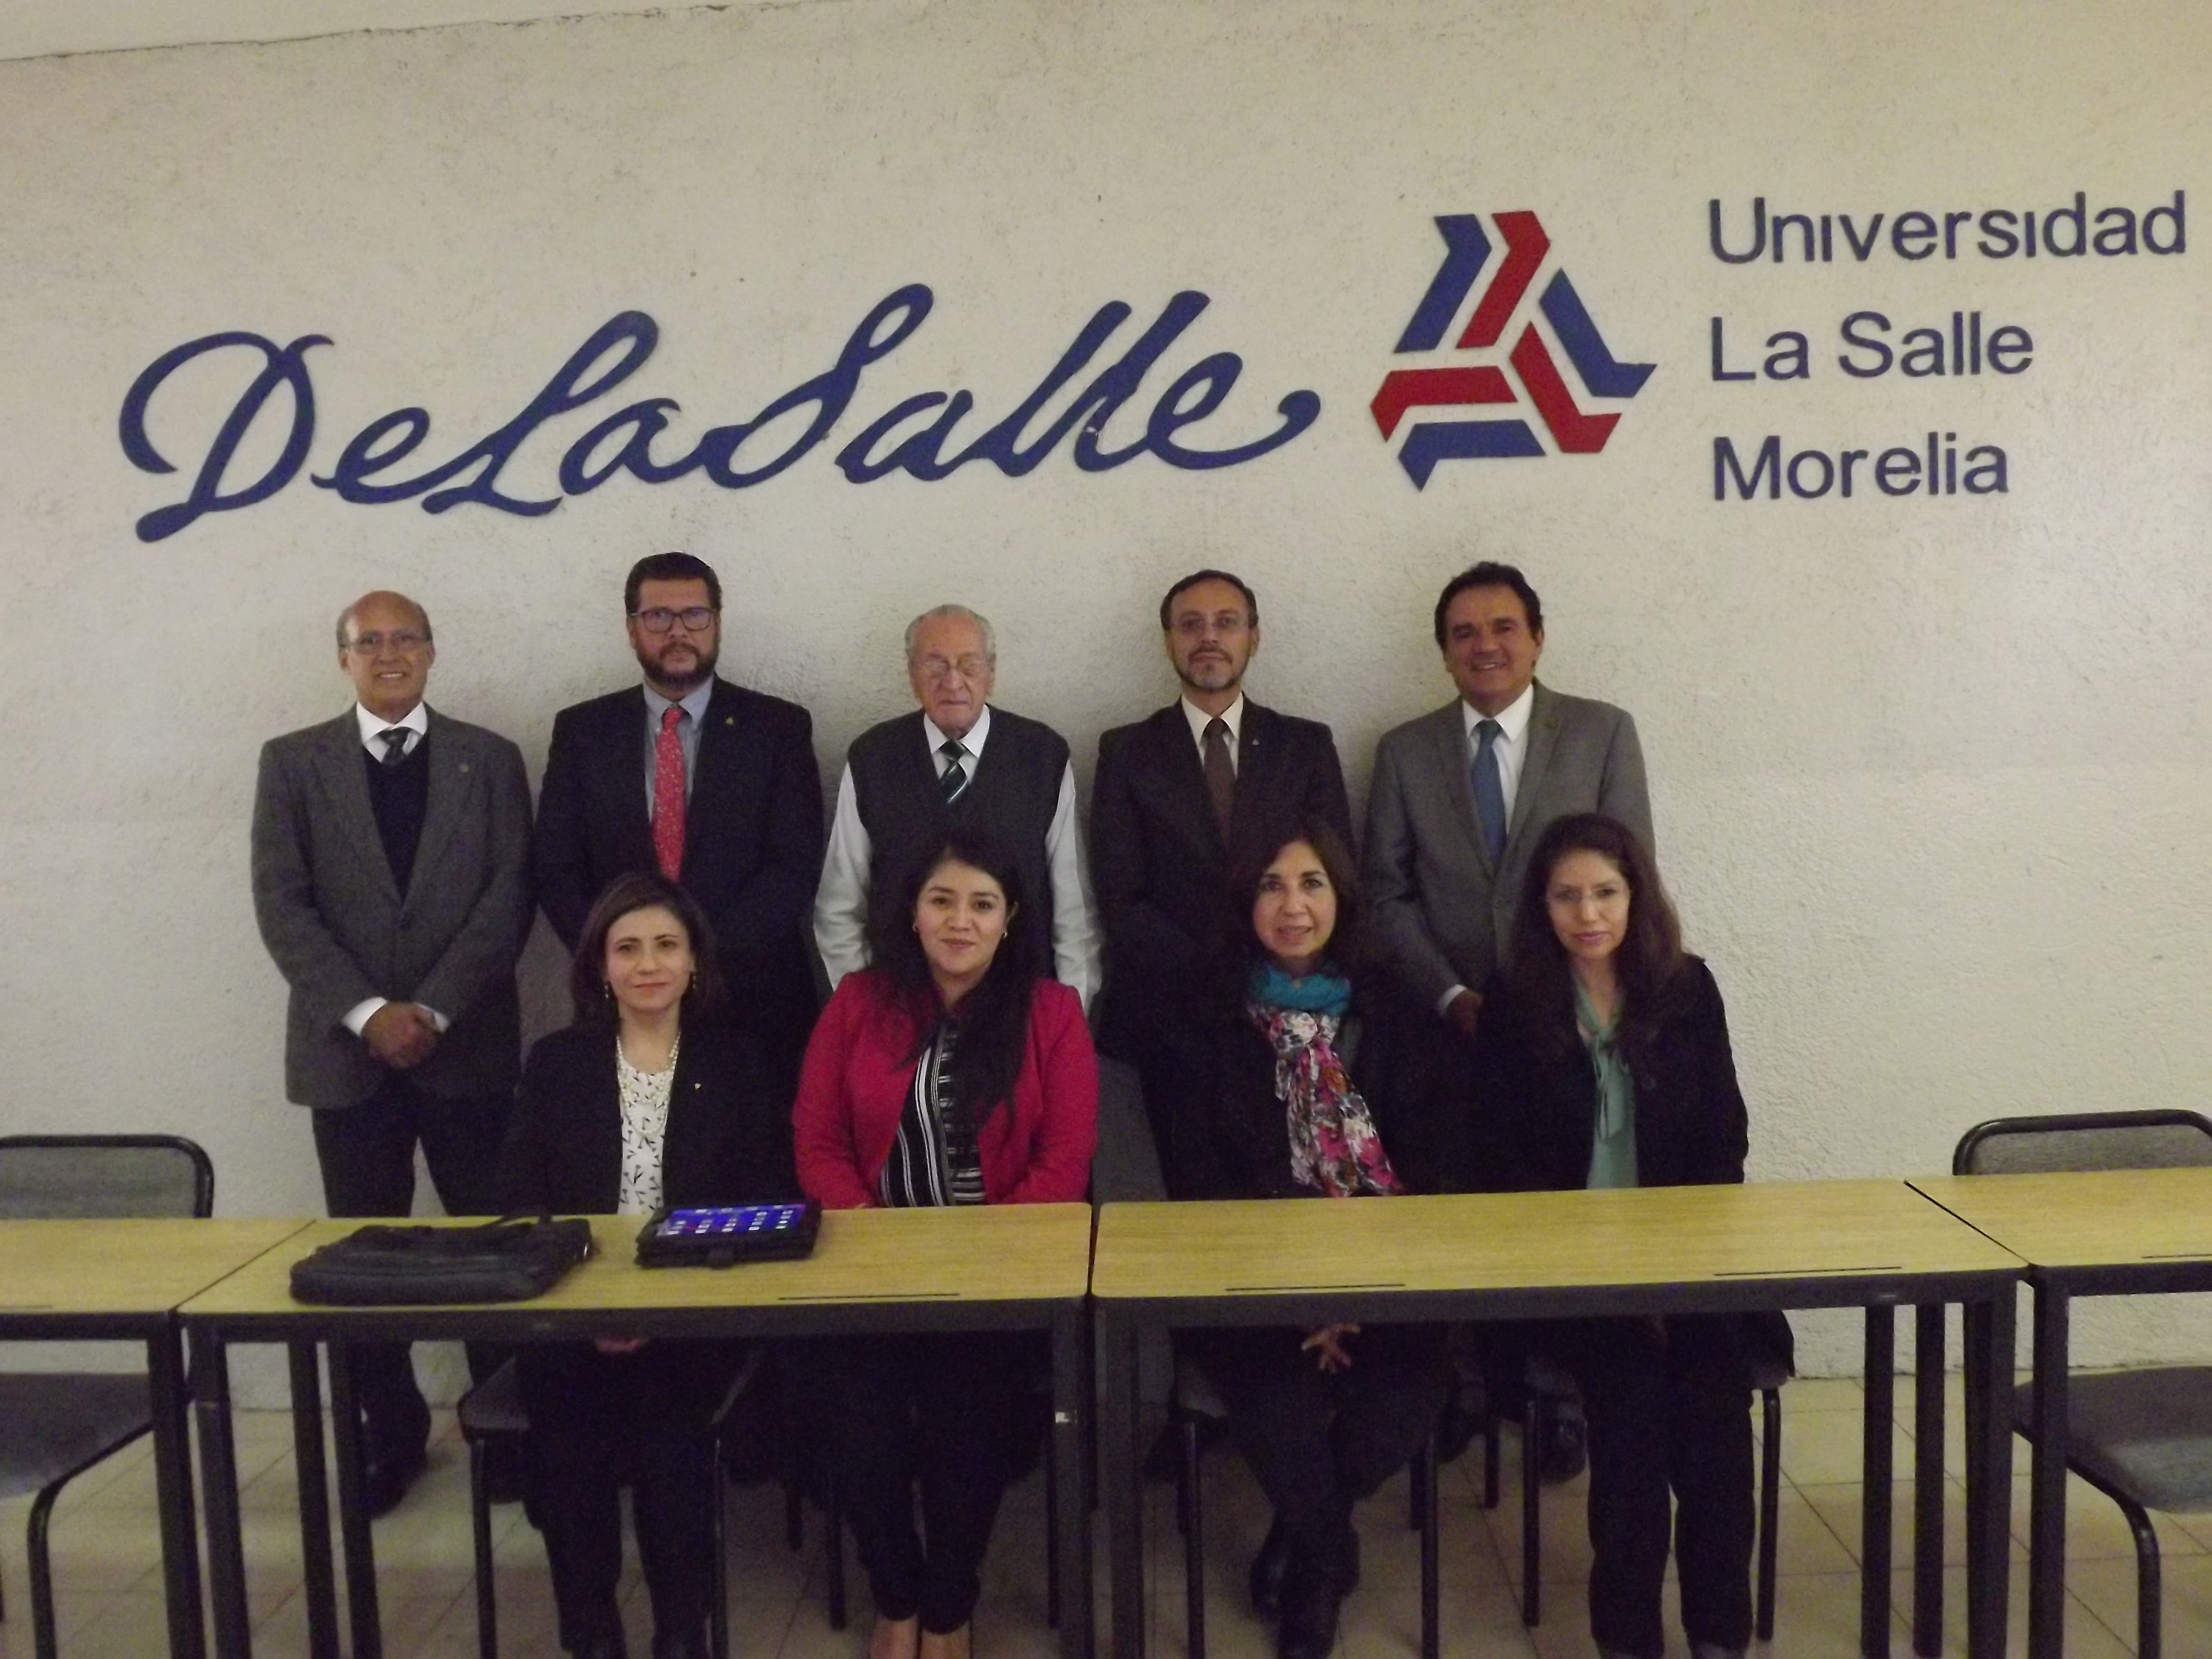 HERMANOS LA SALLISTAS VISITAN LA UNIVERSIDAD LA SALLE MORELIA.